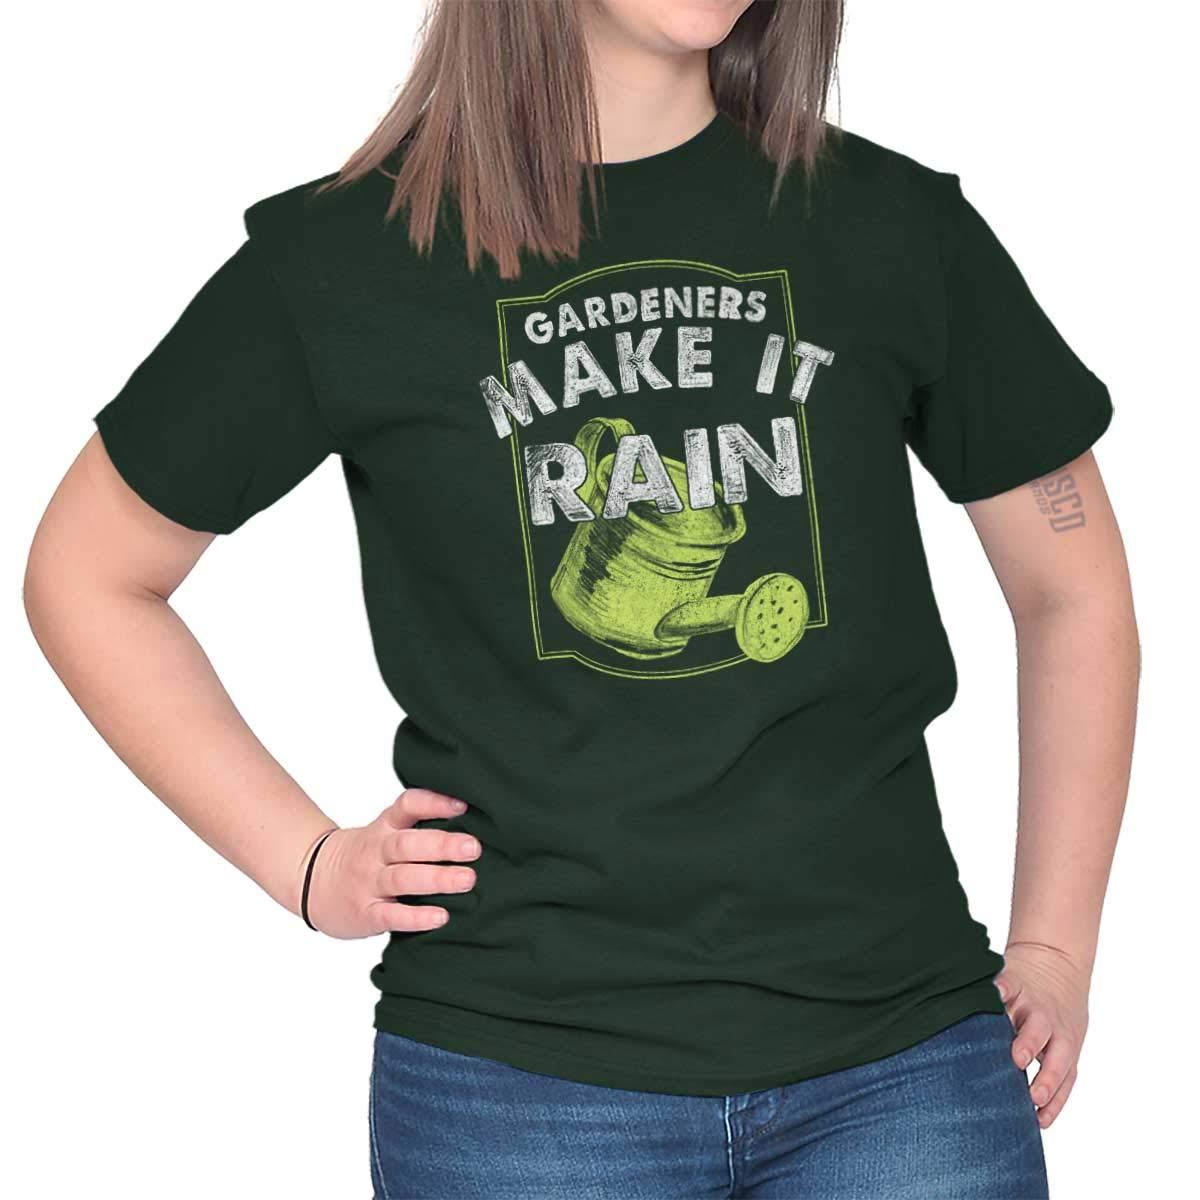 Gardeners Make It Rain Home Gardening Humor T Shirt 3834